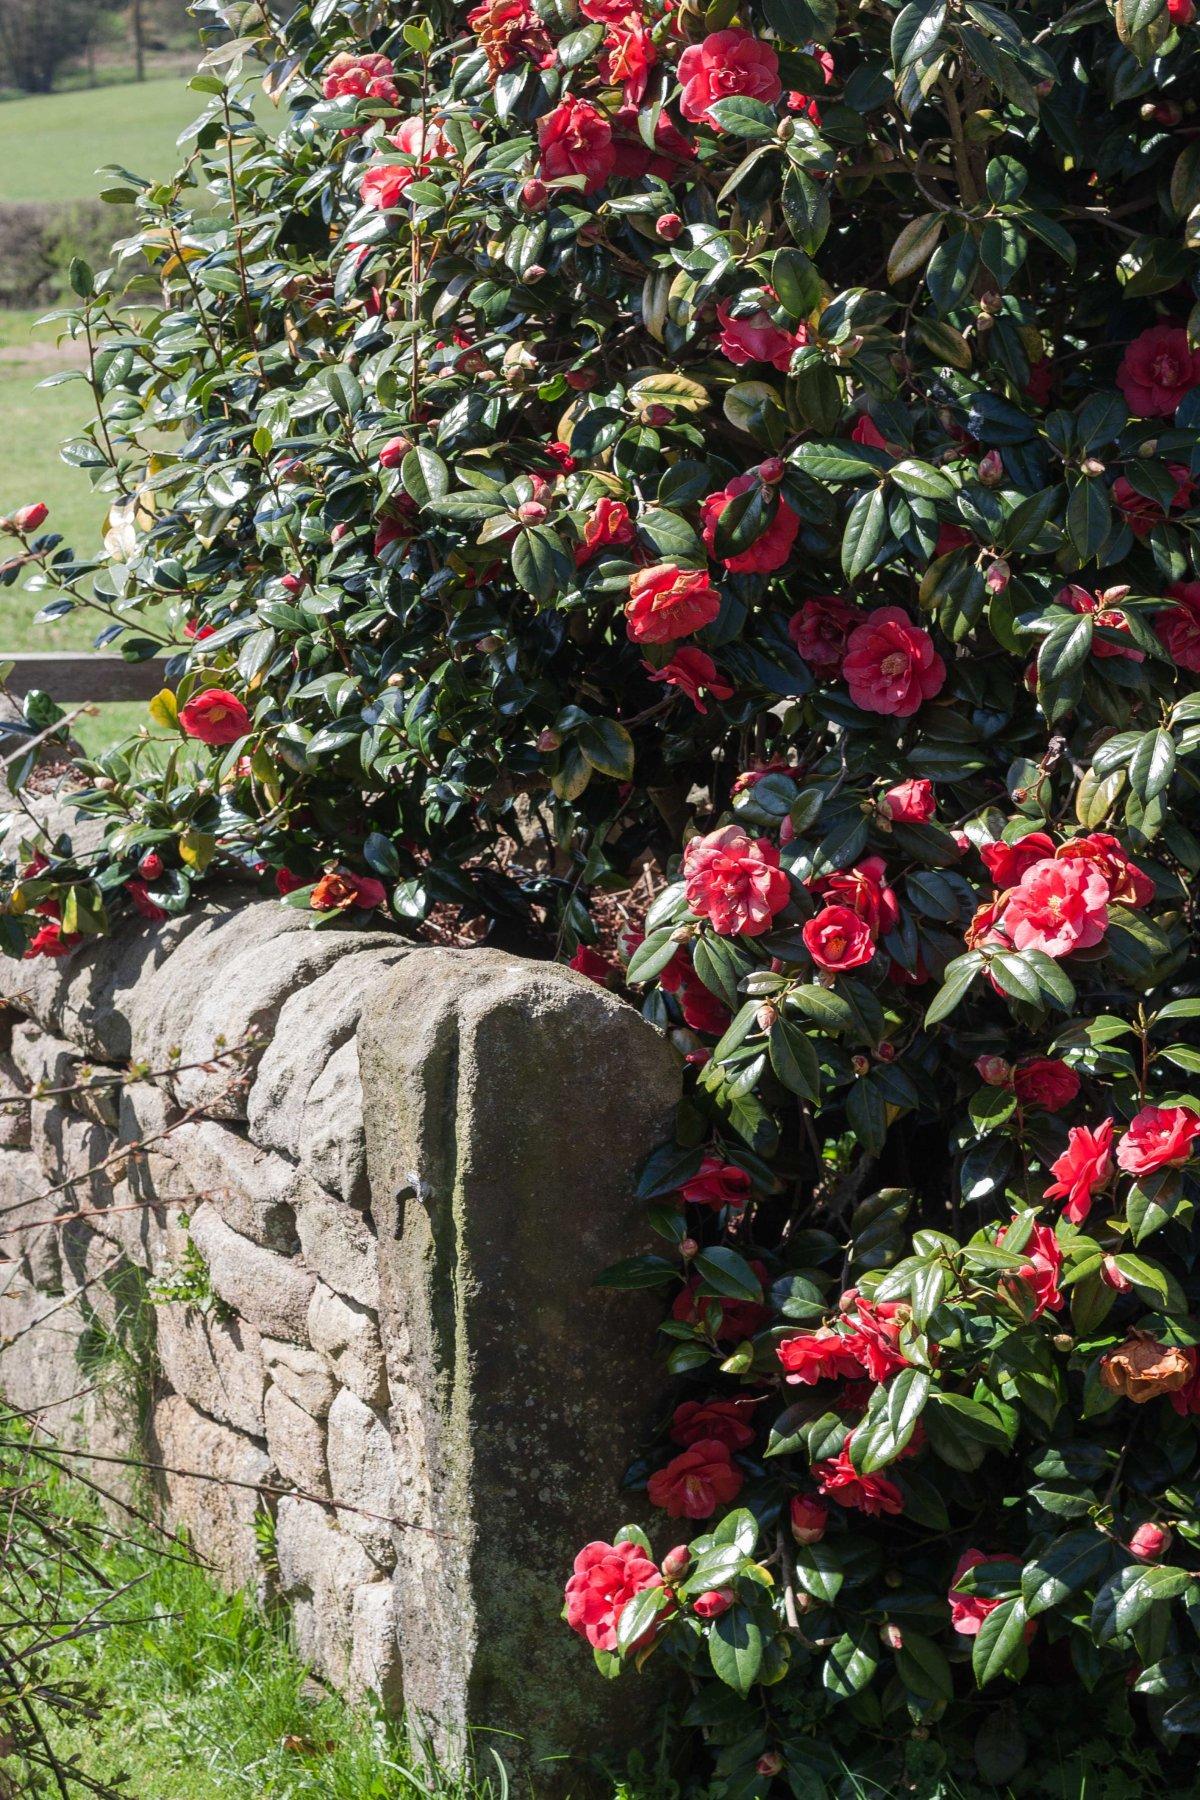 Sunshine and gardening inDerbyshire